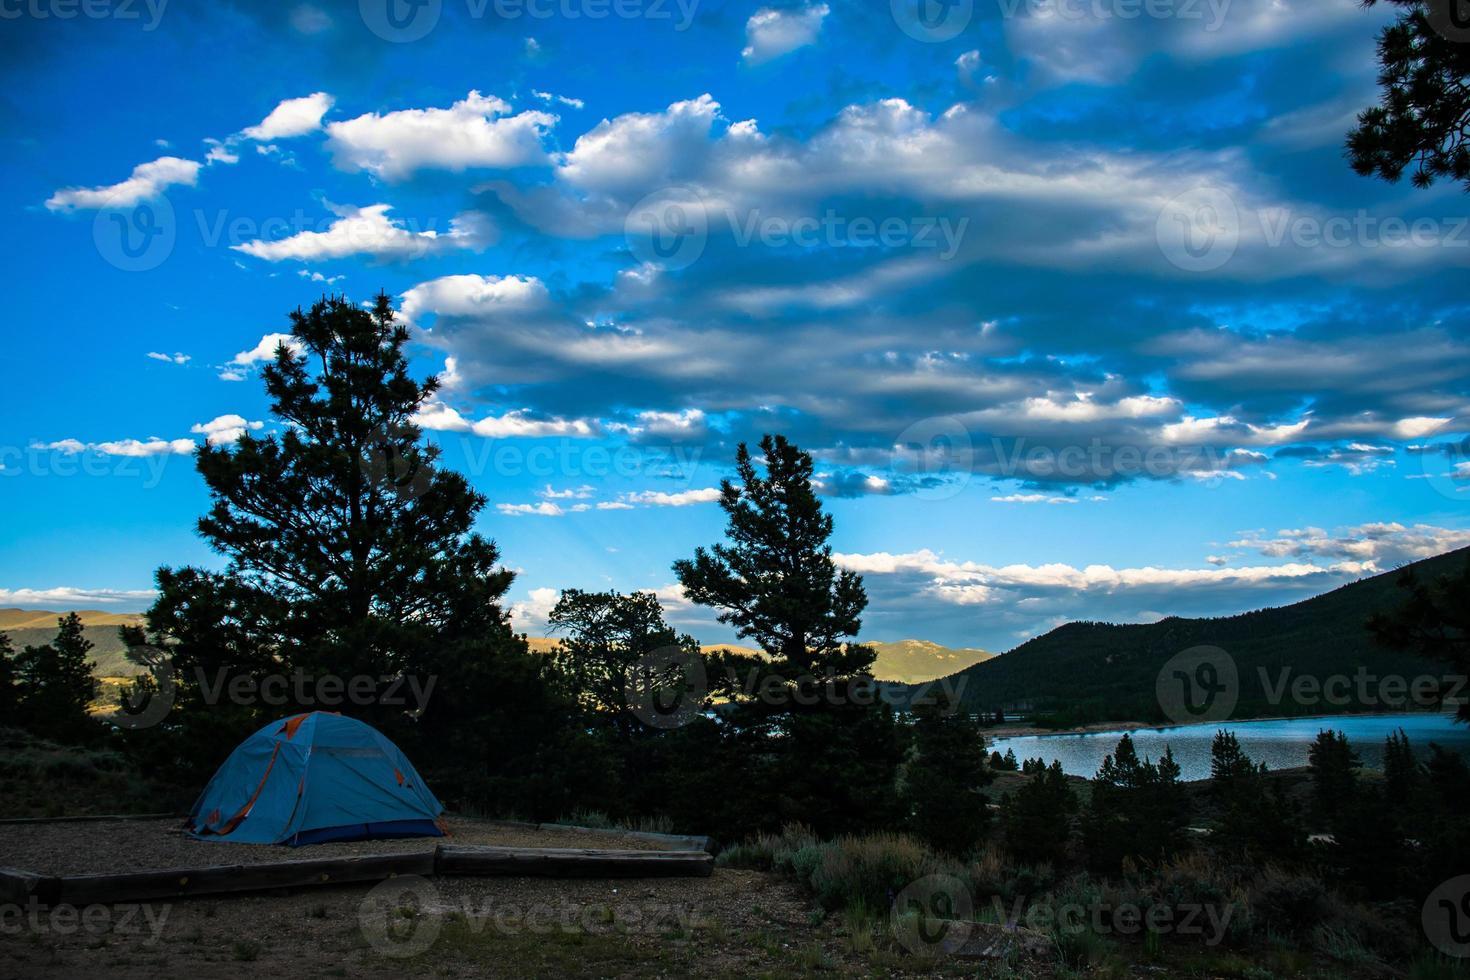 wildernis kamperen in eenzaamheid naast de Twin Lakes Colorado foto